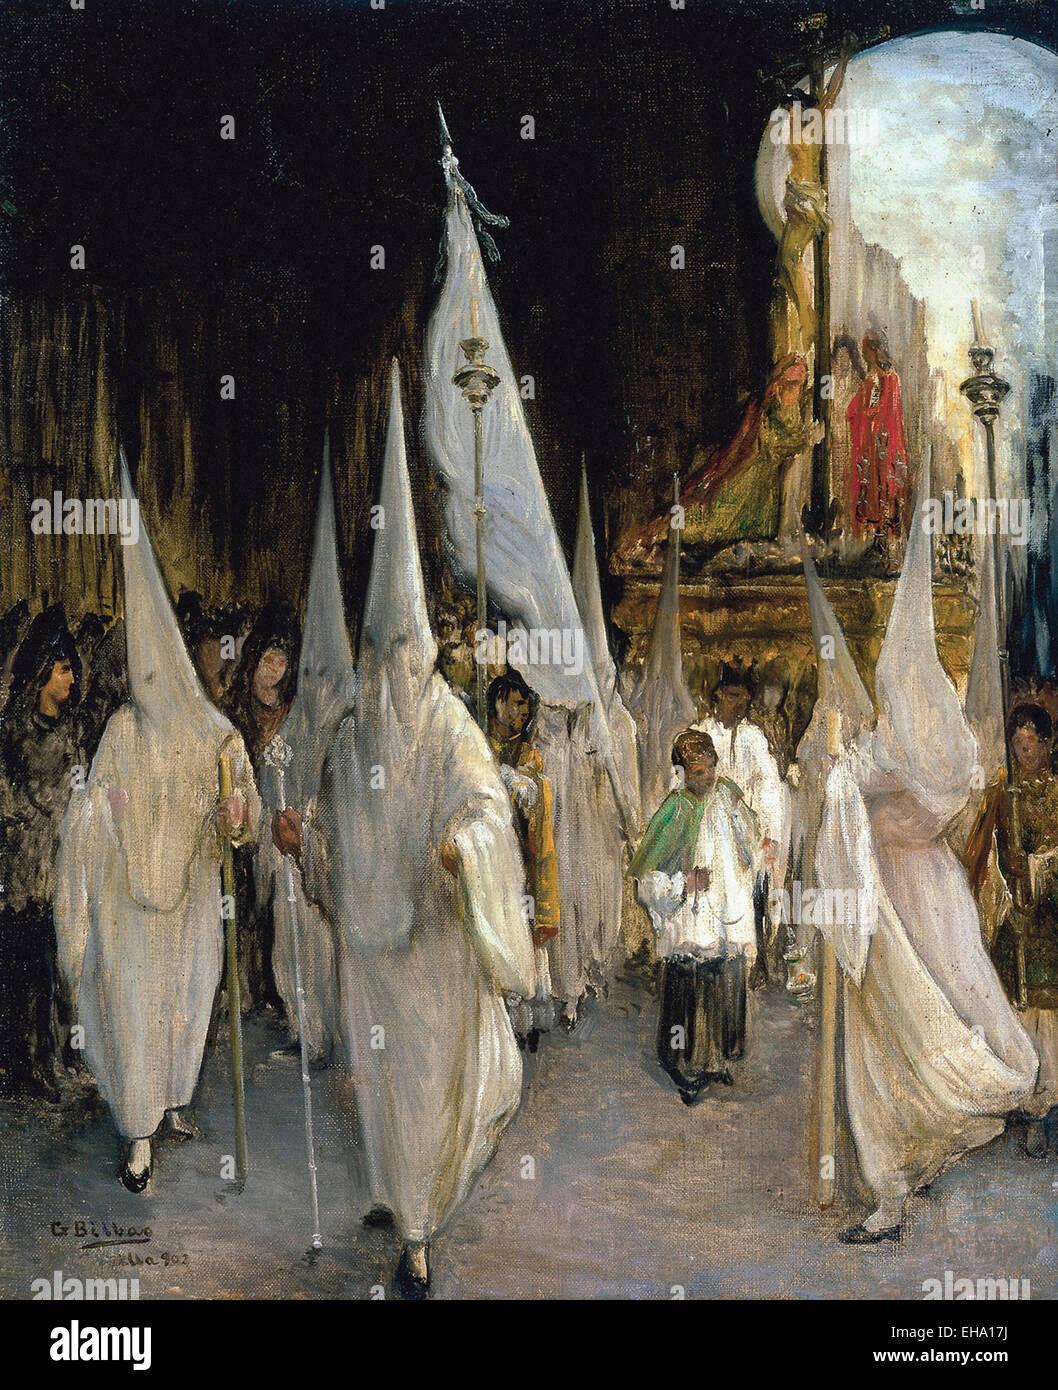 Gonzalo Bilbao Martínez Processione delle sette parole Immagini Stock